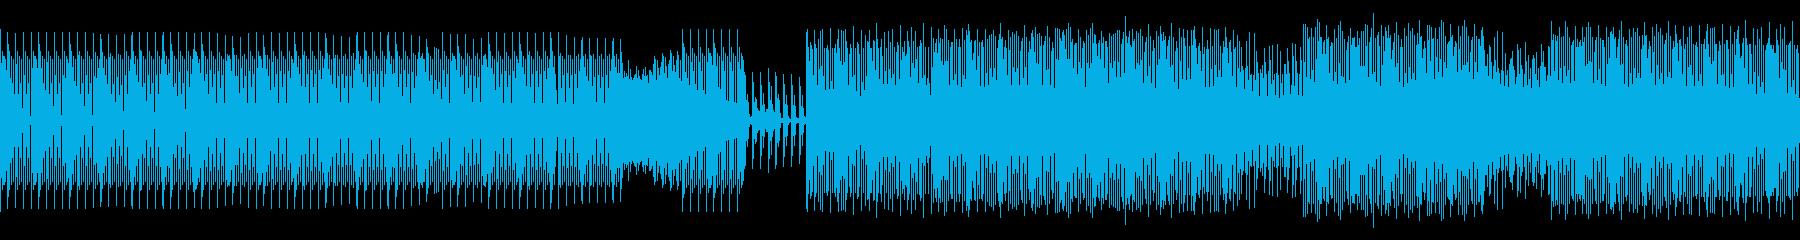 少し暗めなテックハウスの再生済みの波形